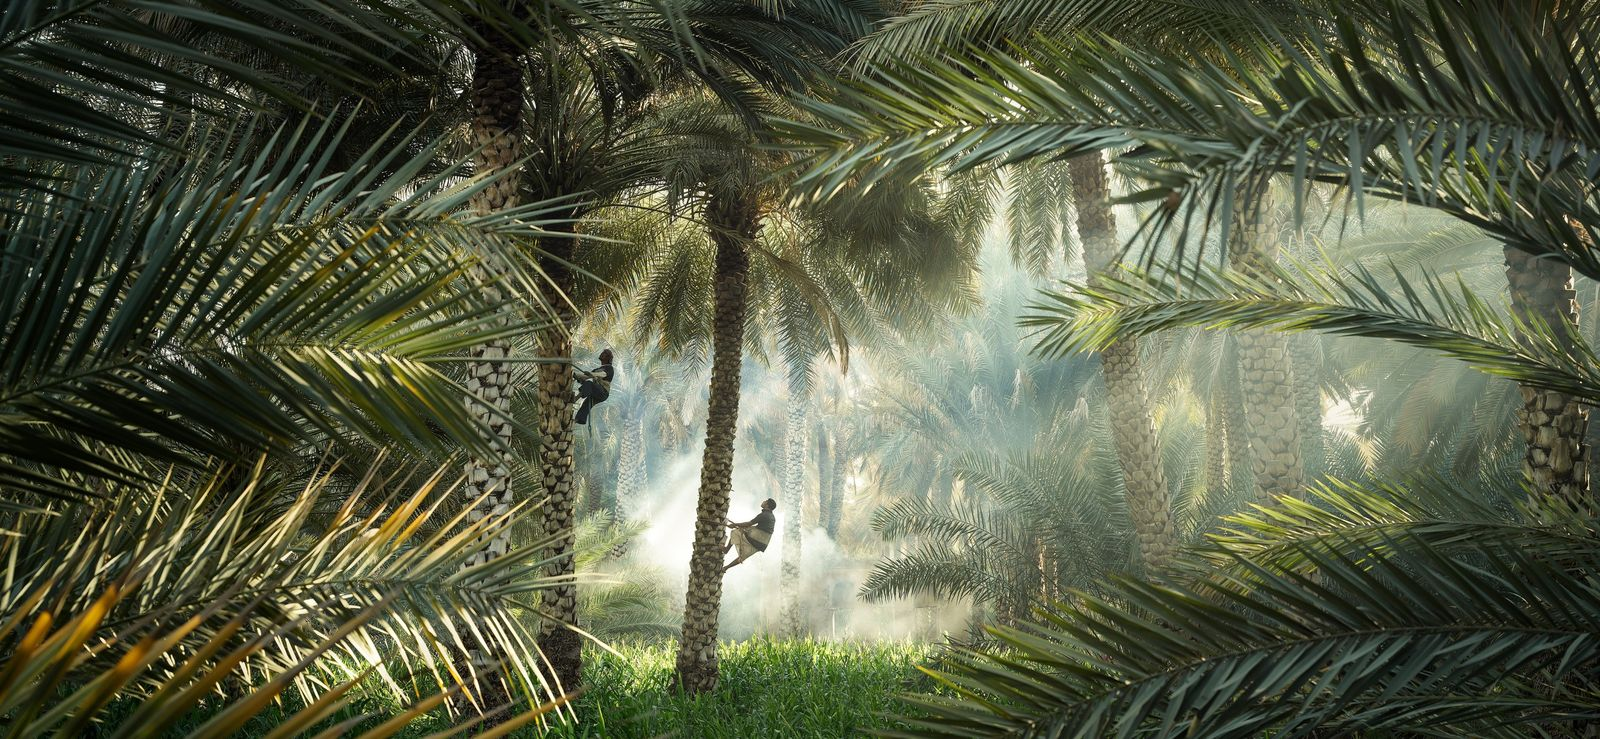 Birkat Al Mawz, Oman, 2019 - Pieds nus à même l'écorce, perchés en équilibre plusieurs mètres ...